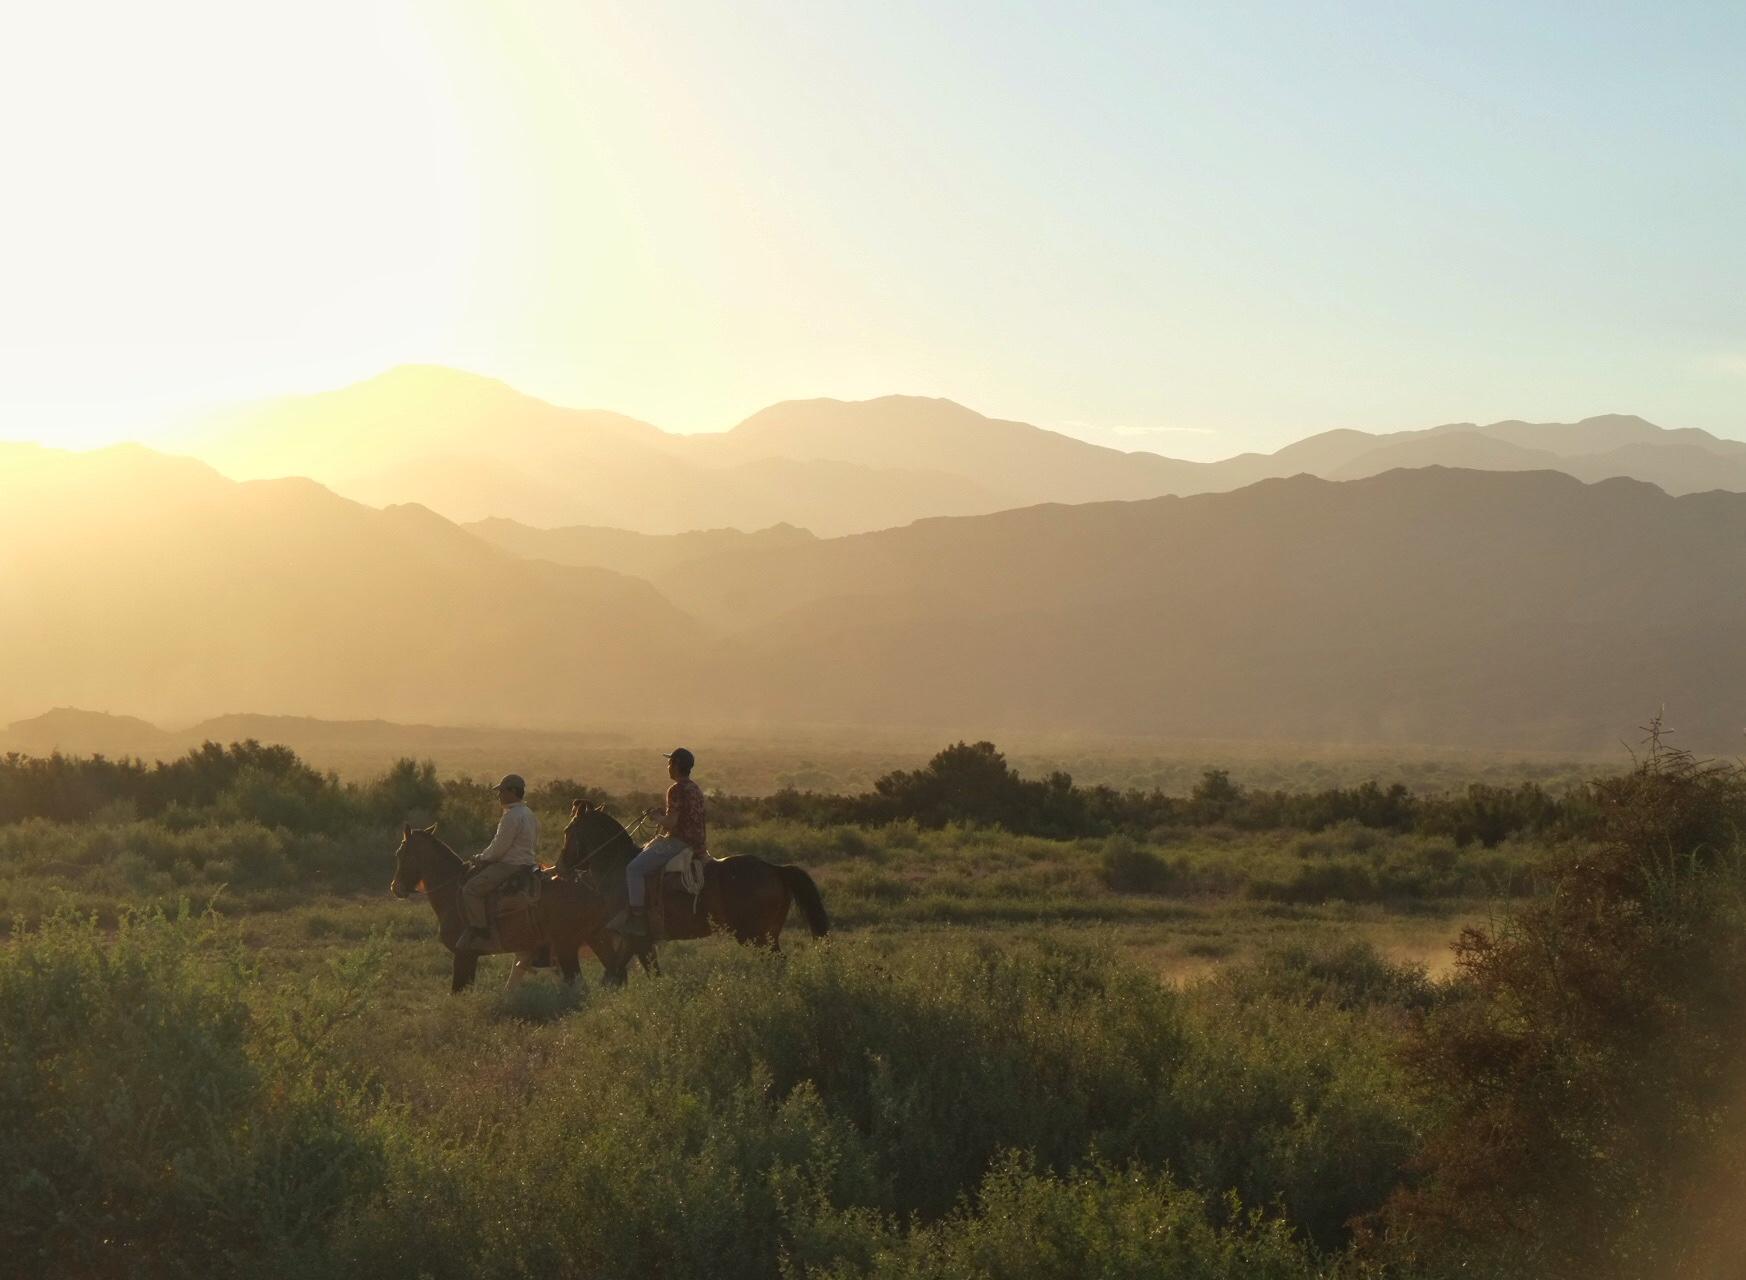 Gauchos reiten in den Sonnenuntergang Argentinien